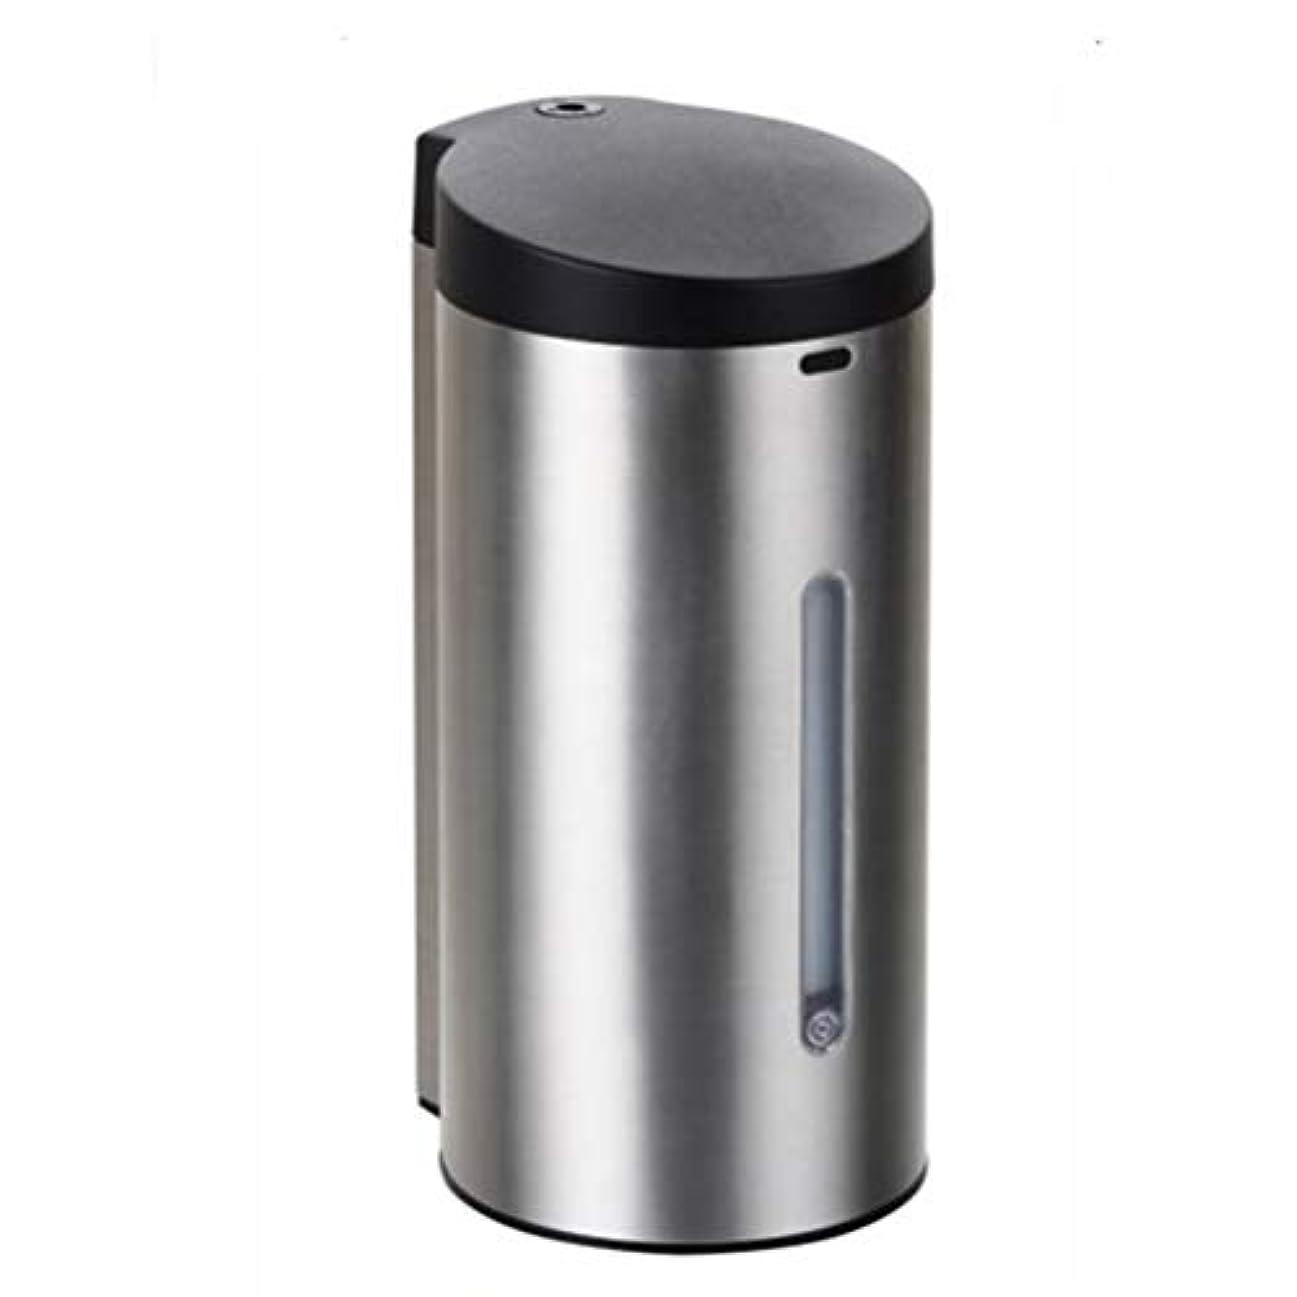 味方闇解き明かす電池式 オートソープディスペンサー 赤外線センサーポンプソープディスペンサーステンレス 漏れ防止7段調整可 自動 ハンドソープ ータッチ 650ML 9Vバッテリー(6ノット* 1.5V)